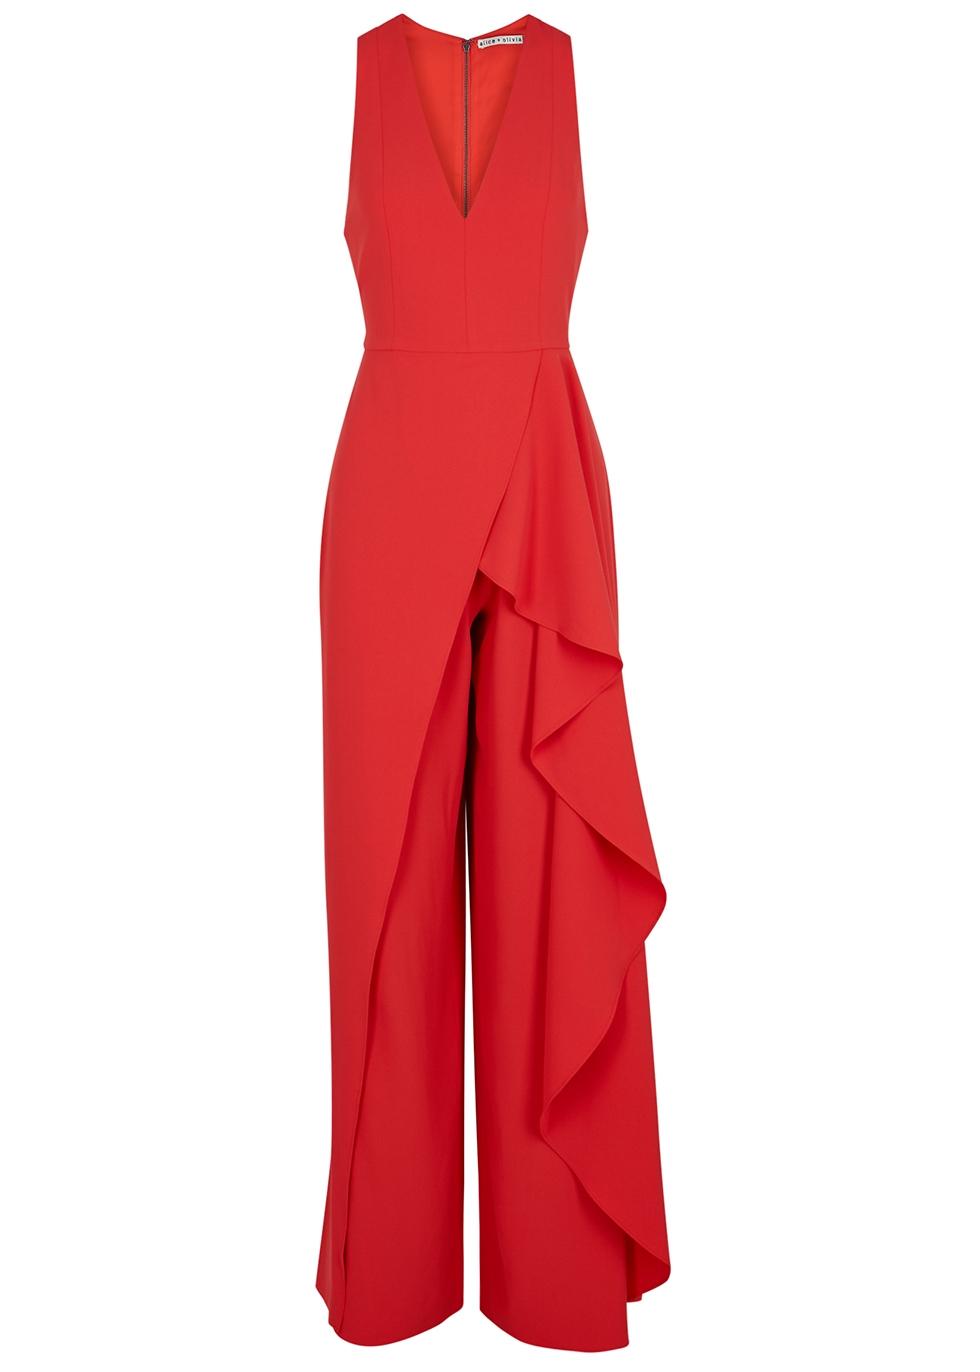 c36369435ce Women s Designer Clothing